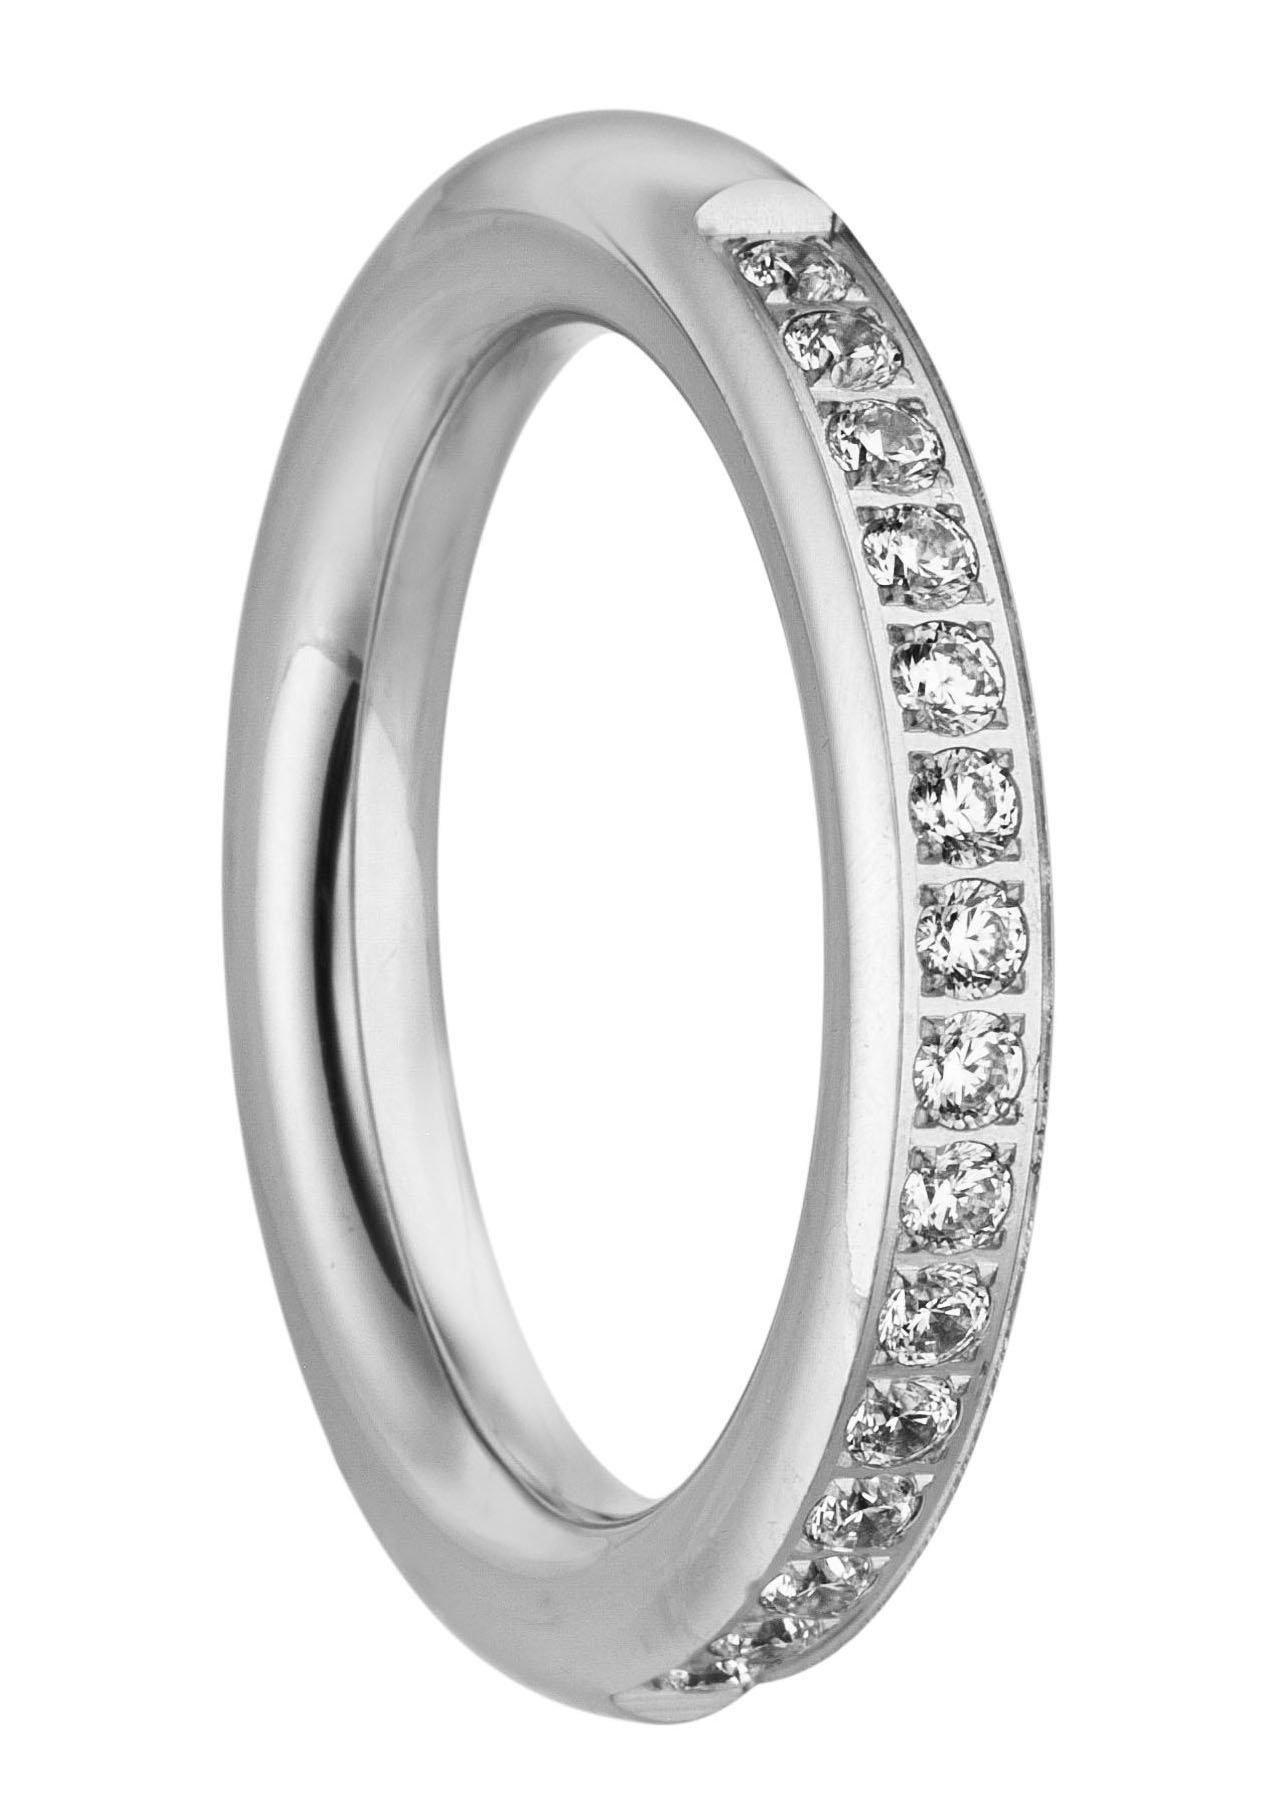 Tamaris ring Emily, TJ170-54, TJ170-56, TJ170-58, TJ170-60 met zirkoon online kopen op otto.nl